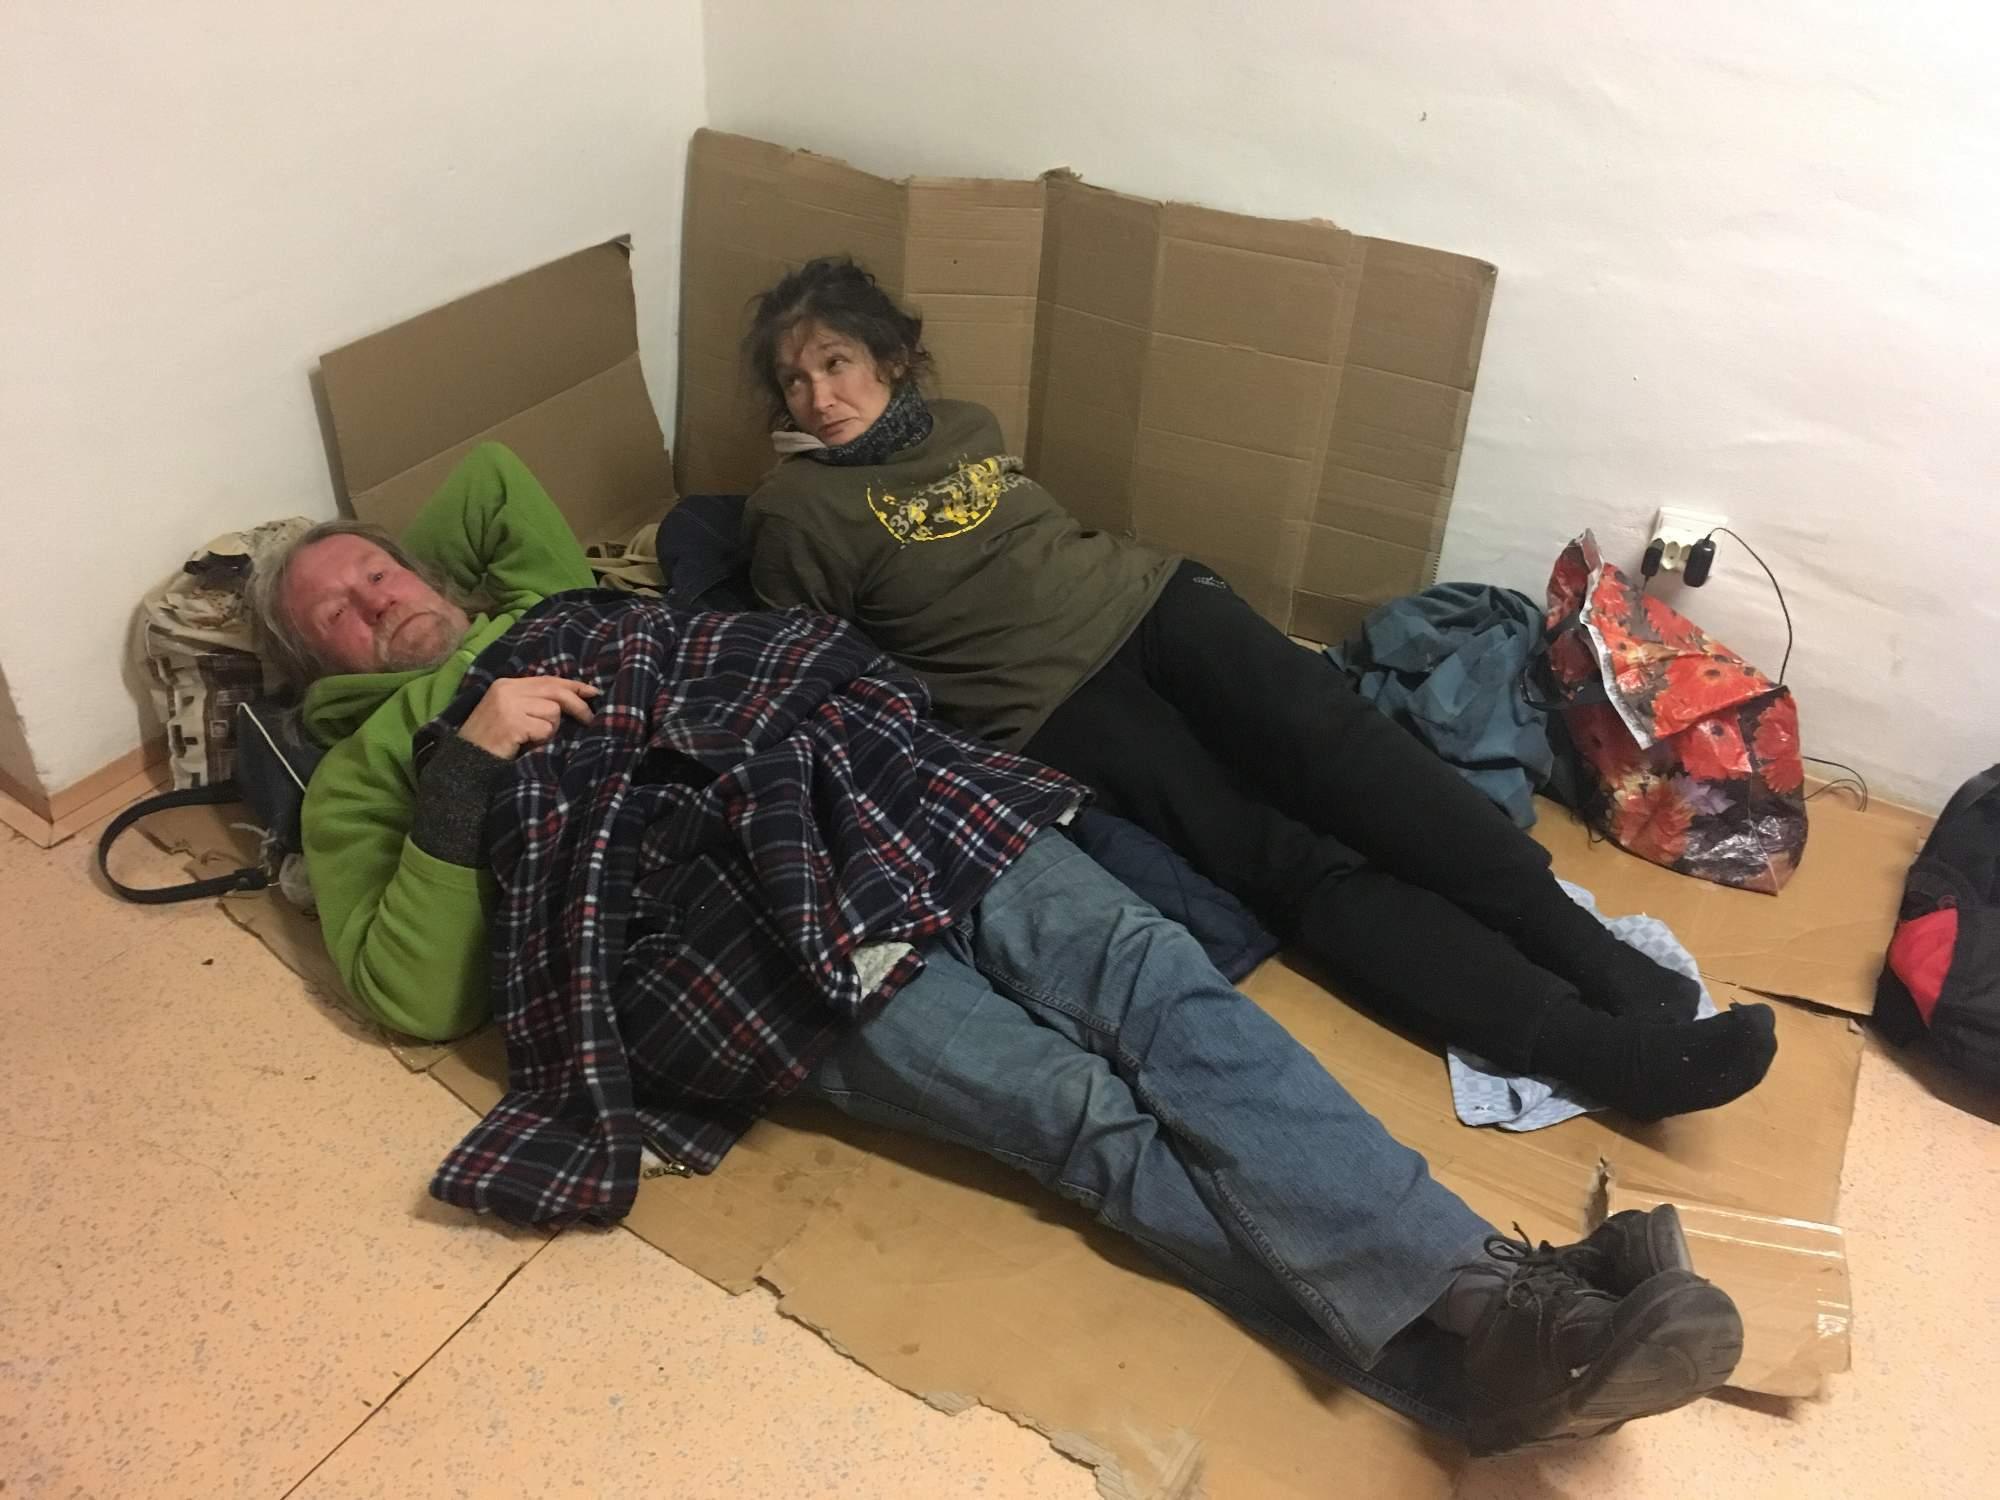 Lidé bez domova tráví mrazivé noci v krizovém centru, FOTO: Karolína Oškerová